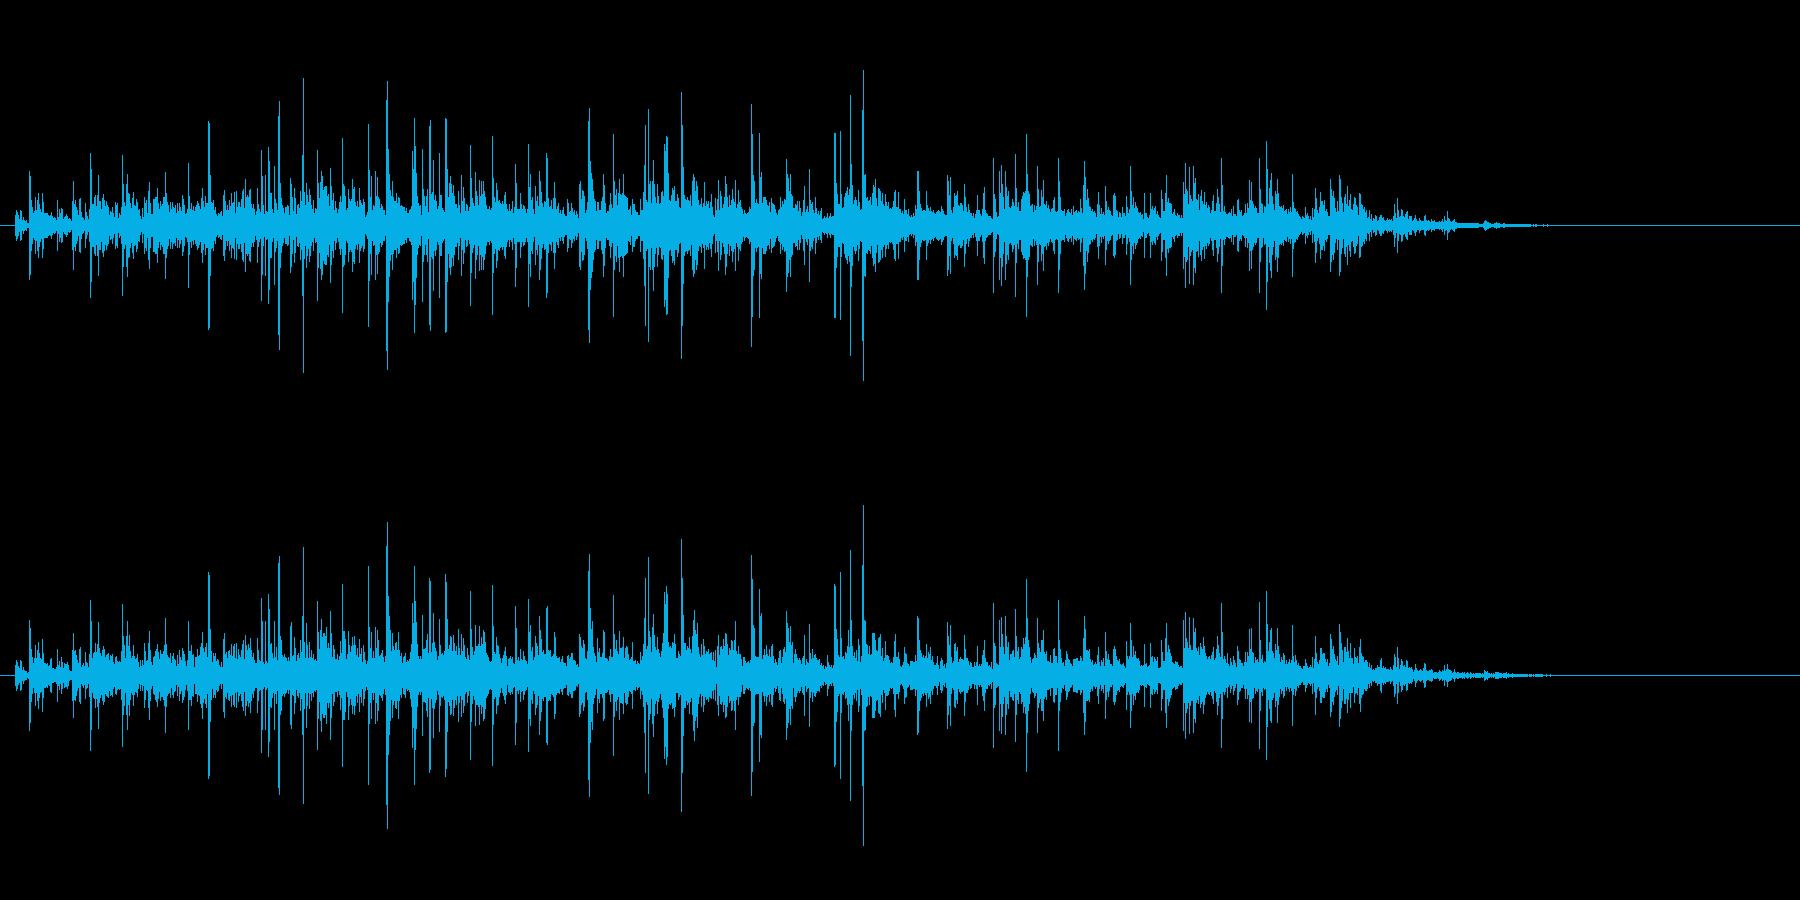 「カラカラ〜」ウッドチャイムの音リバーブの再生済みの波形